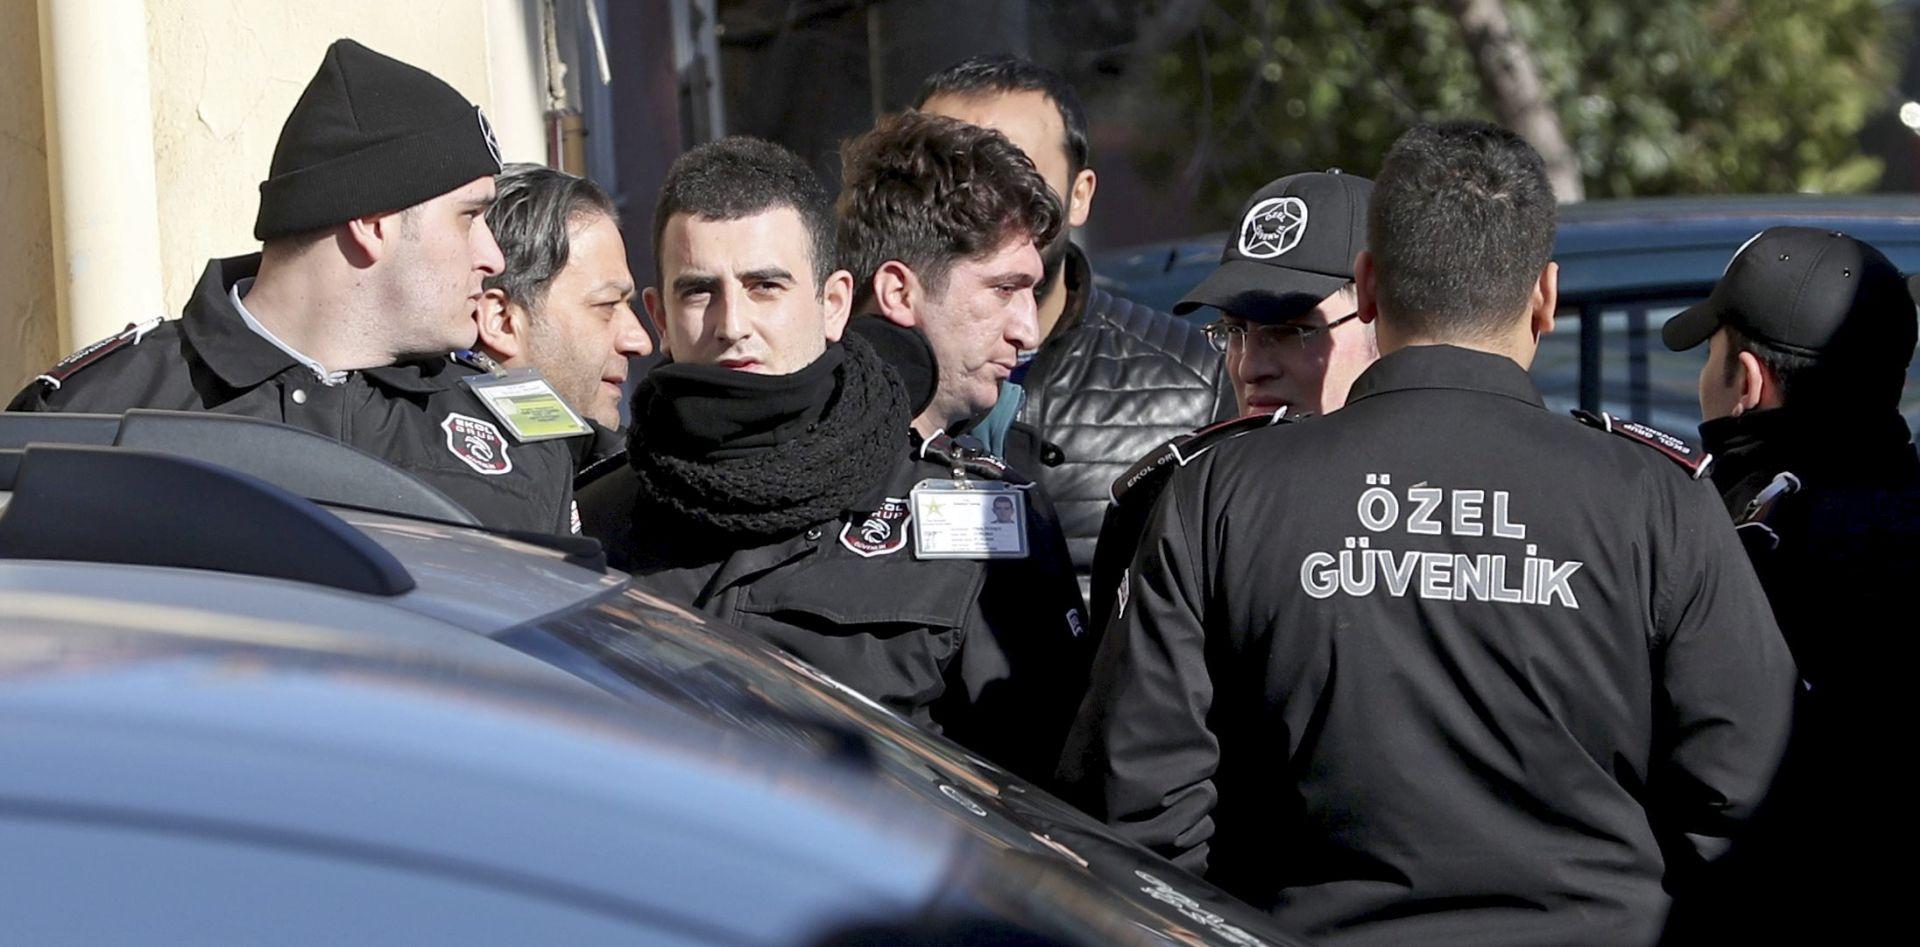 REFERENDUM U TURSKOJ: Bit će raspoređeno 380.000 pripadnika službi sigurnosti